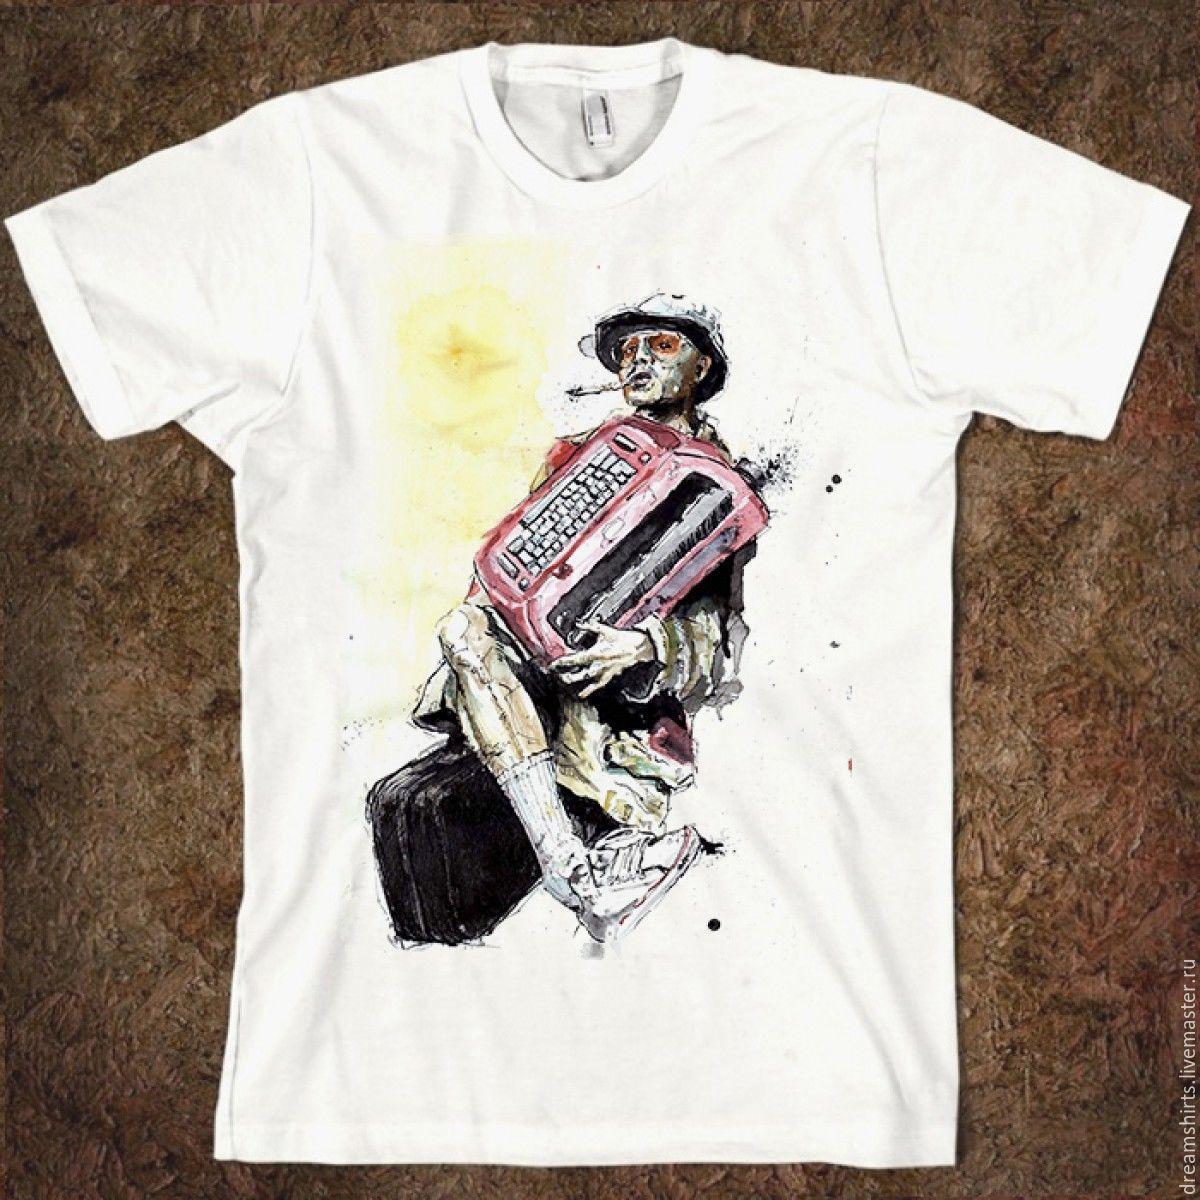 """Футболка с принтом """"Страх и Ненависть в Лас-Вегасе"""", T-shirts, Moscow,  Фото №1"""